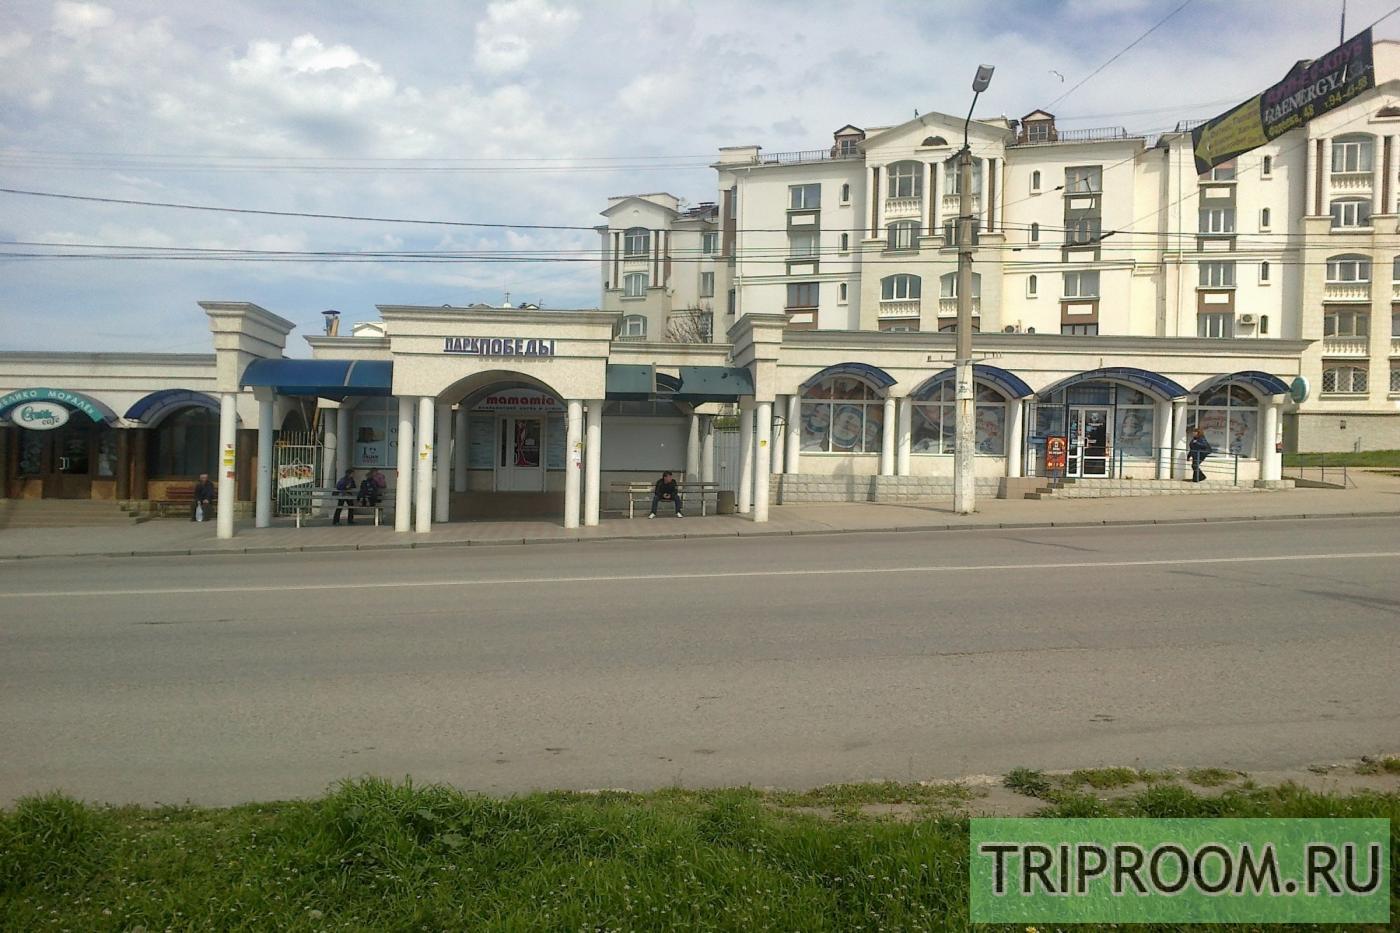 1-комнатная квартира посуточно (вариант № 1071), ул. Октябрьскойреволюции проспект, фото № 29